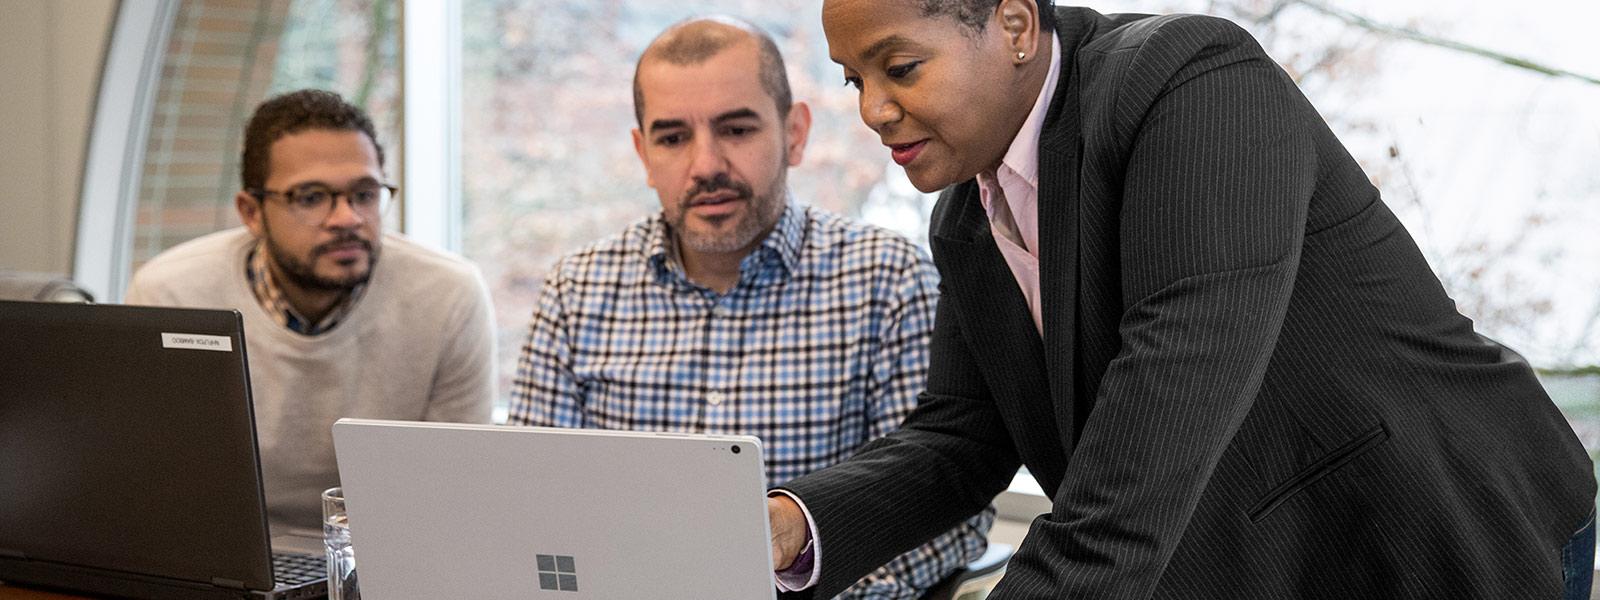 Tre persone che interagiscono con portatili in un ambiente d'ufficio